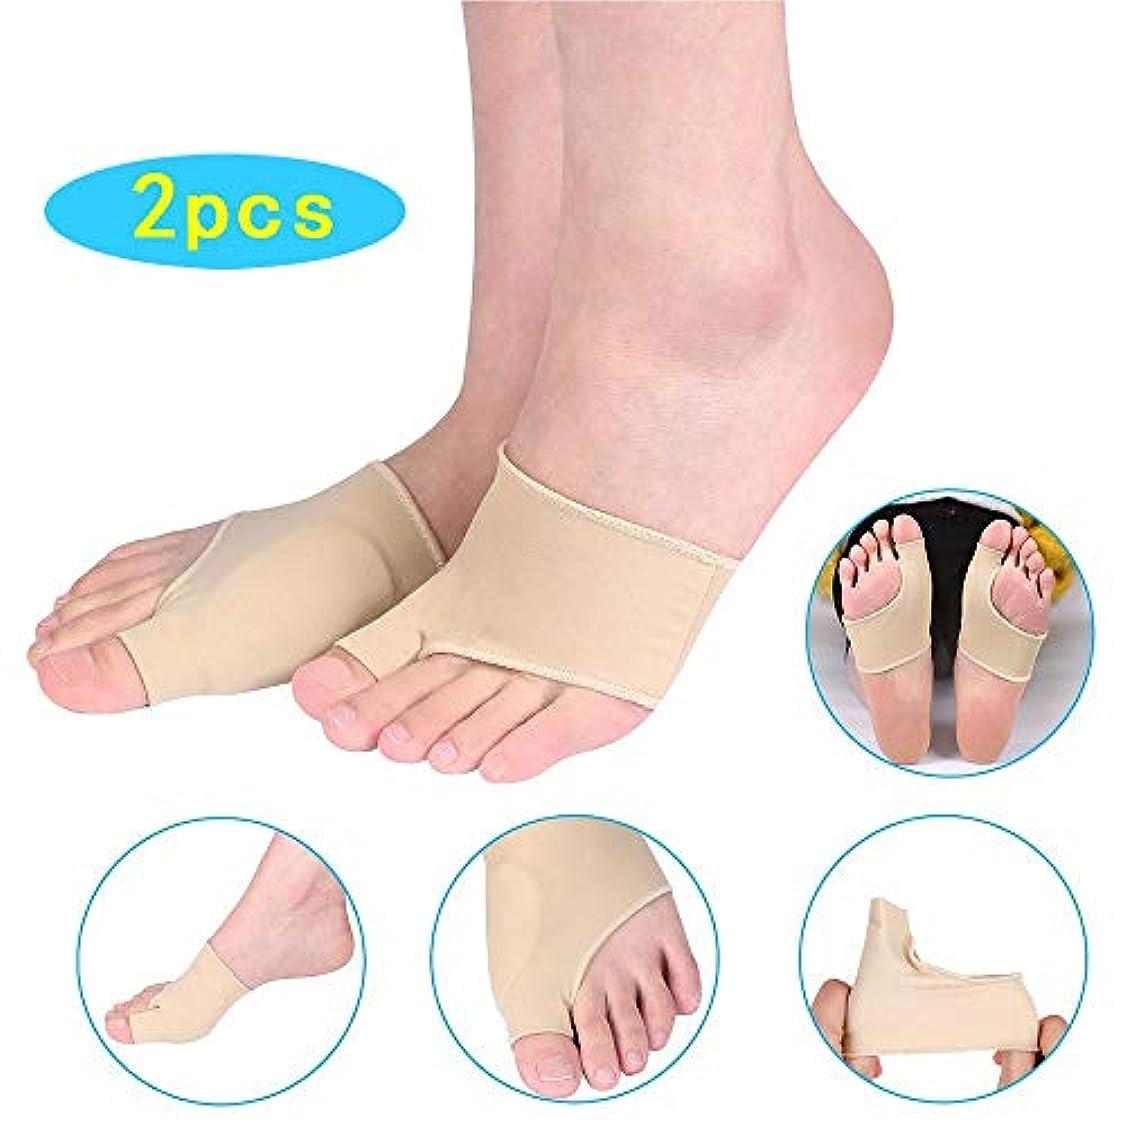 実用的グレードおなかがすいた1対の腱膜瘤矯正器足の親指矯正器腱膜瘤クッション、内臓外反母Valの痛みを軽減するためのシリコンゲルパッド足指セパレーター内蔵(アプリコット色)